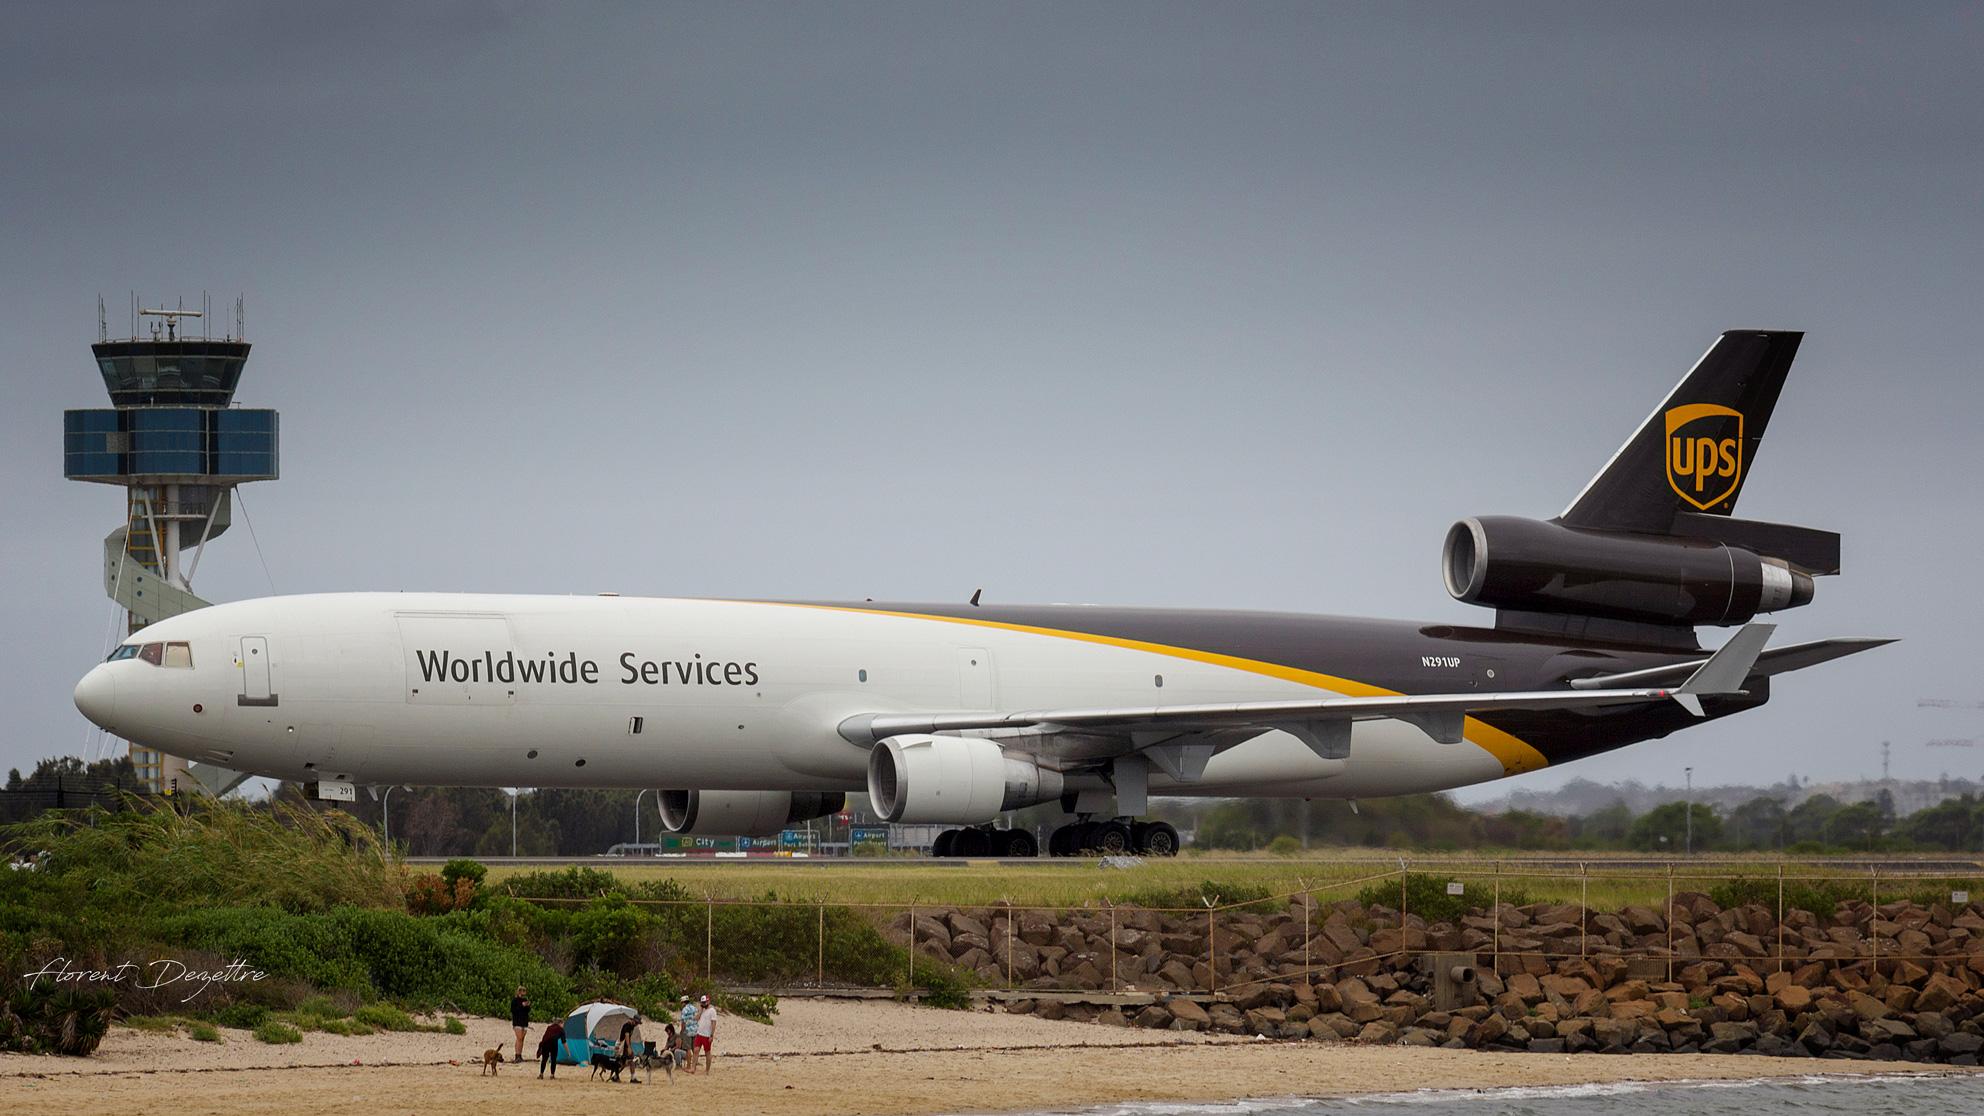 Worldwide-Services